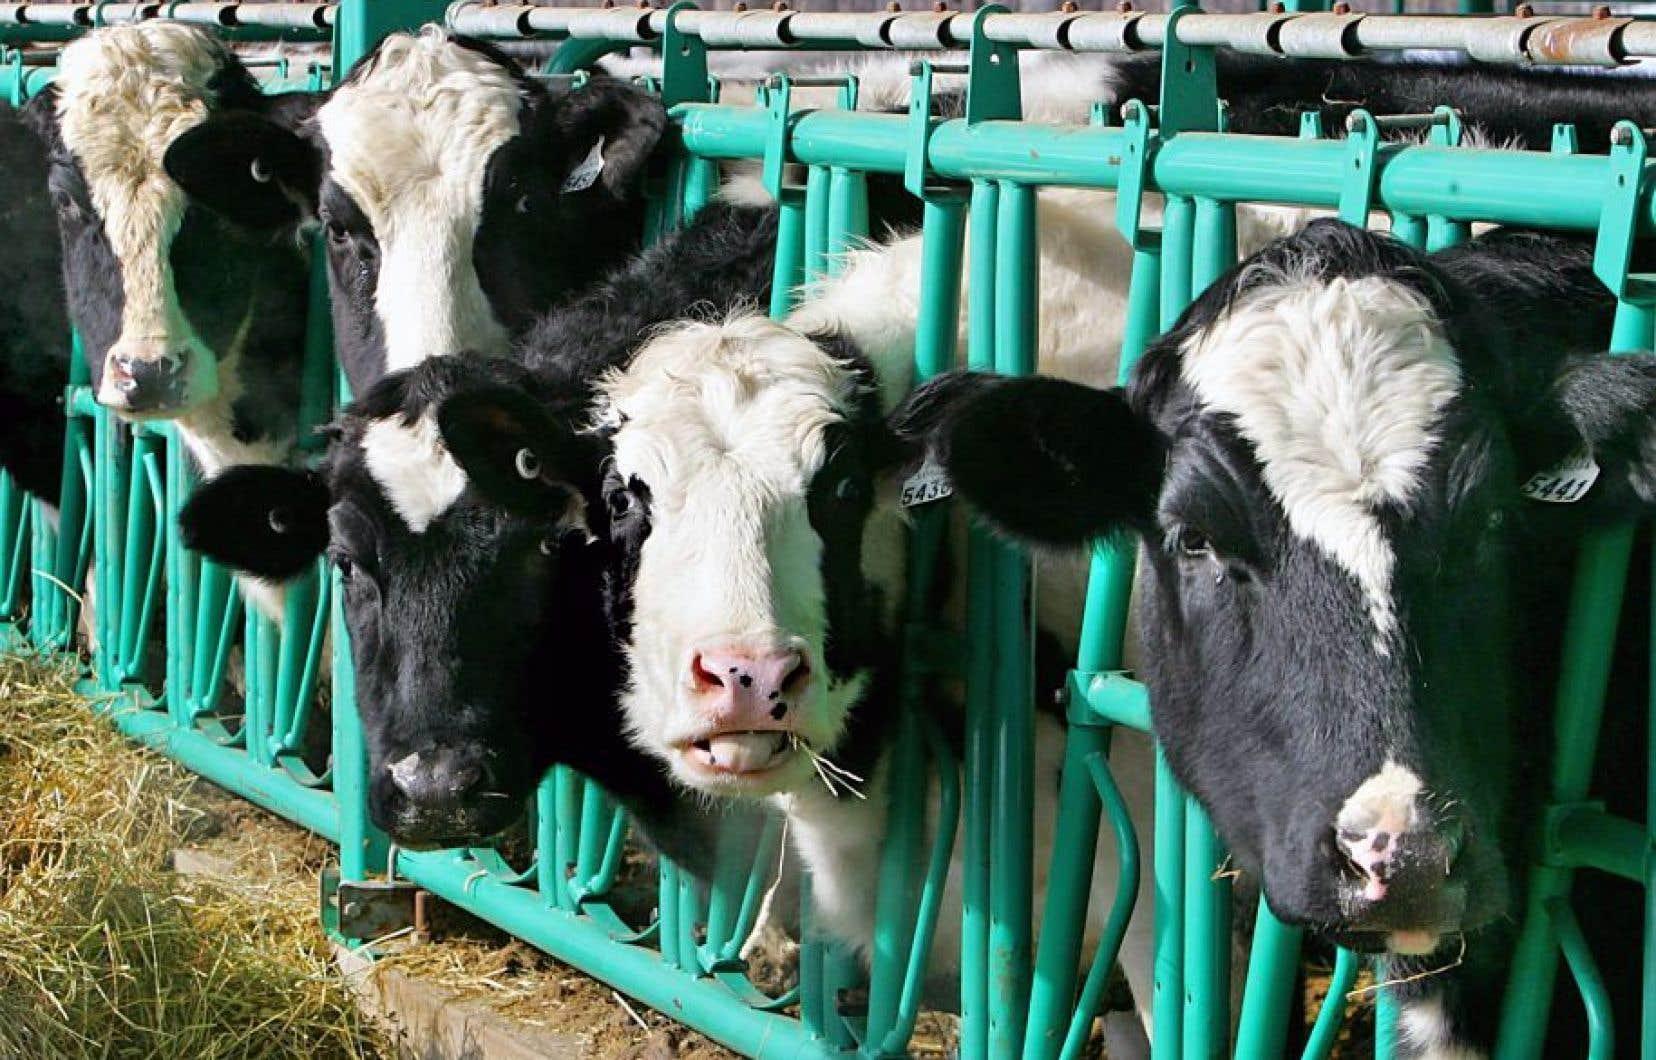 Les trois piliers de la gestion de l'offre (contrôle de la production, de l'importation et du prix) ont été mis en place dans les 1970 pour garantir aux agriculteurs un revenu stable.